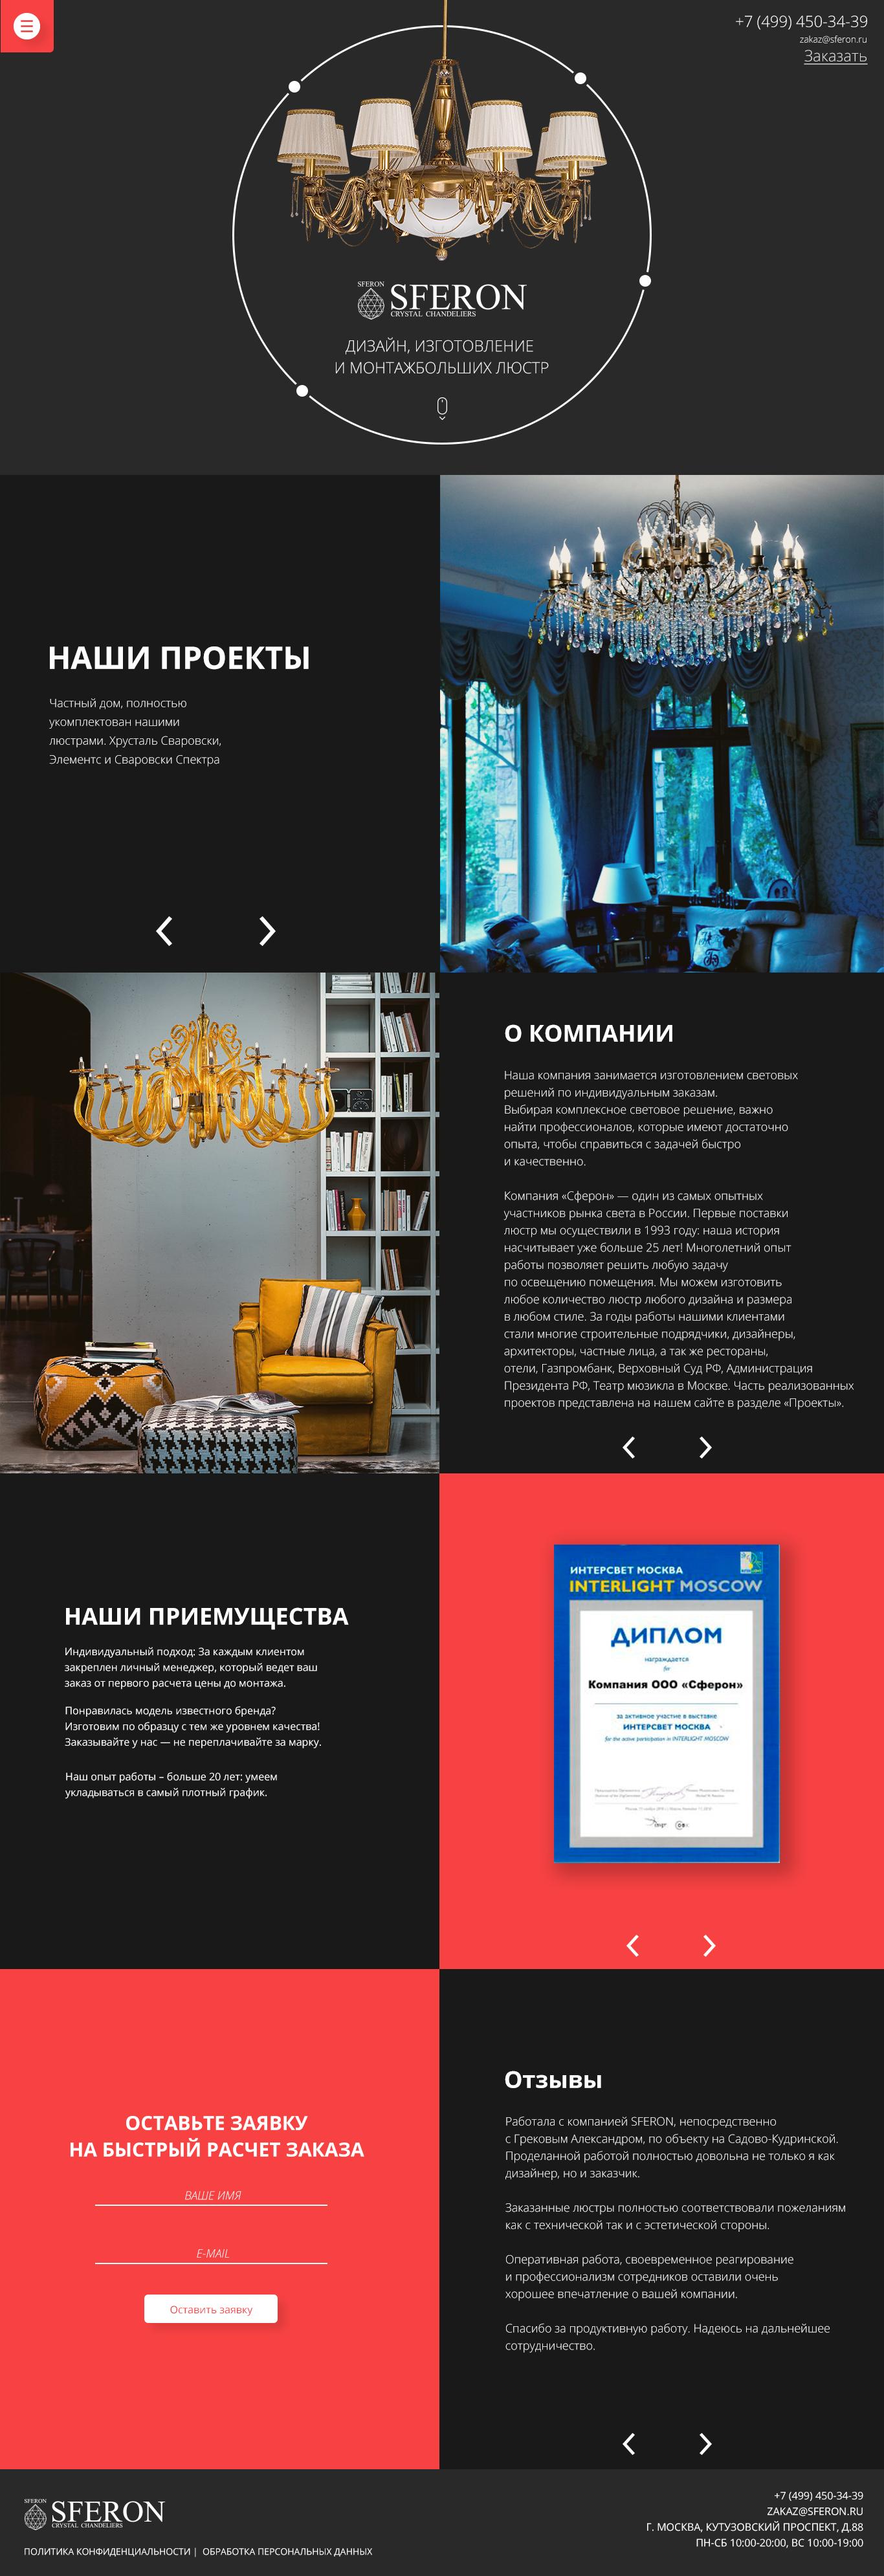 Переделать веб-сайт для sferon.ru фото f_5355b3a391398ed4.jpg